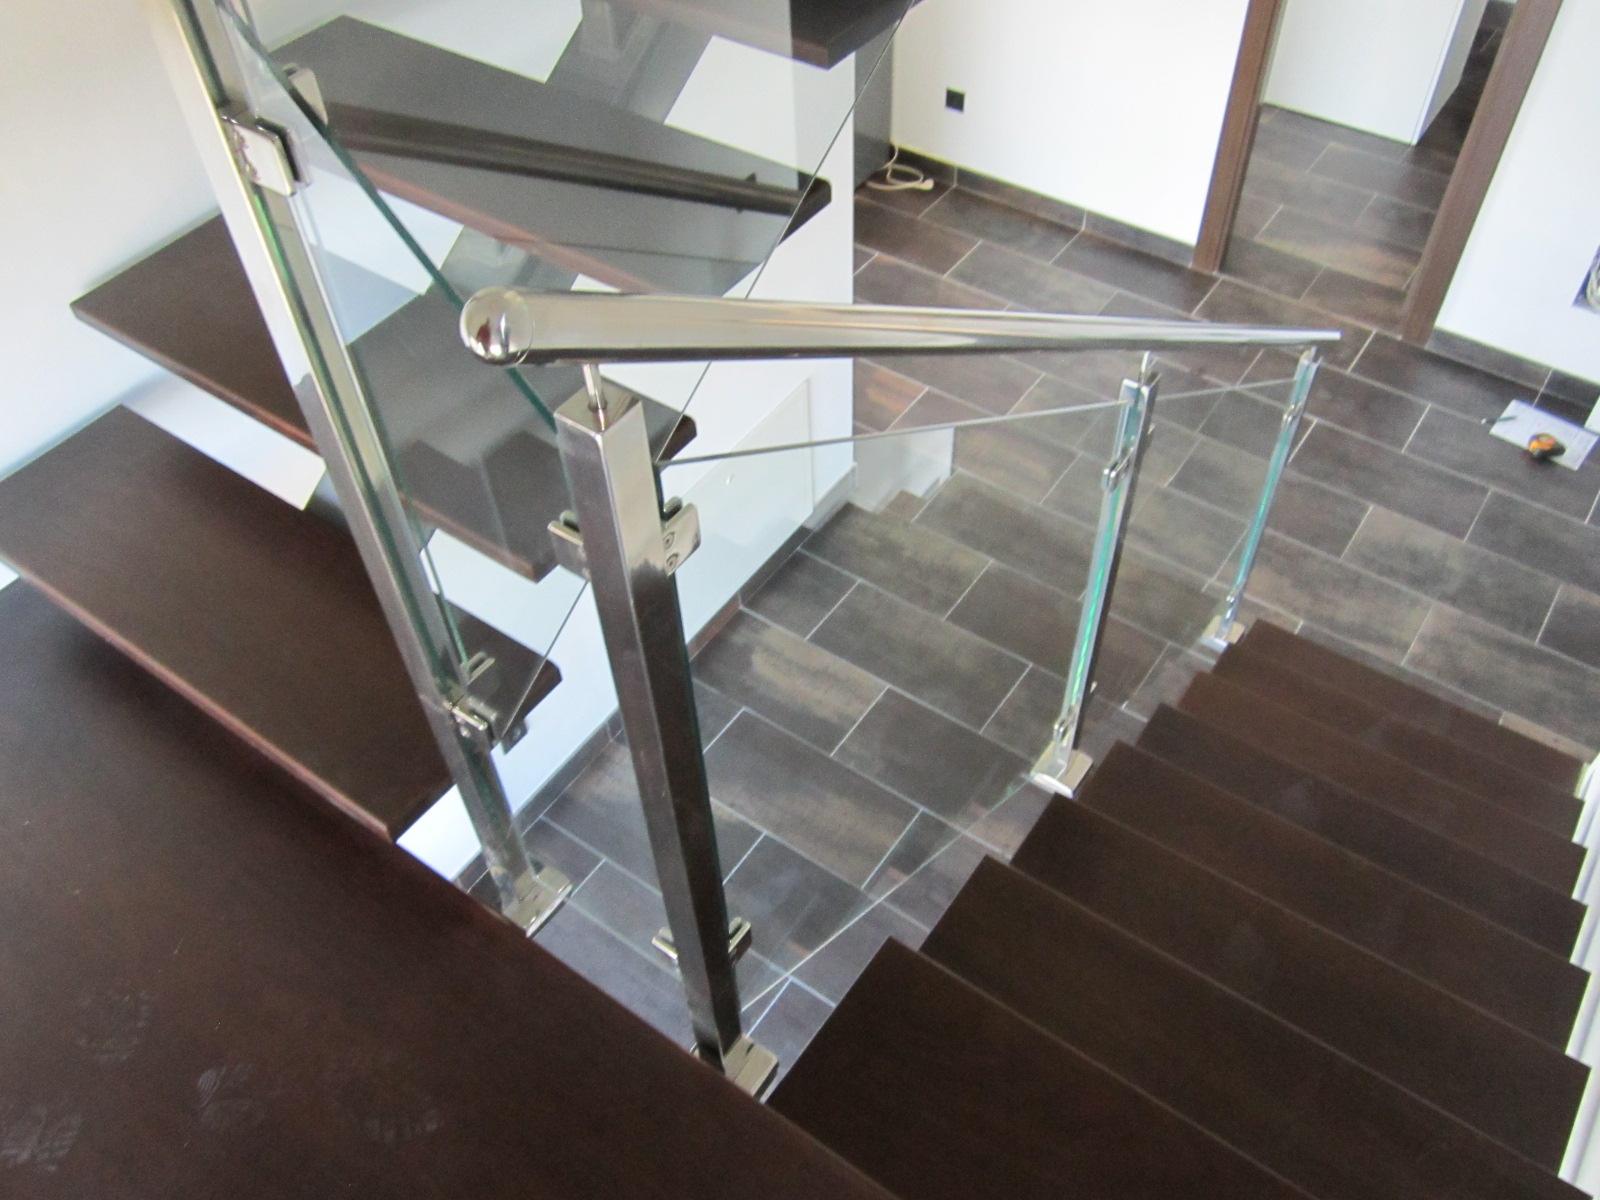 Norbel carpinteria met lica y acero inoxidable escalera - Peldanos escalera madera ...